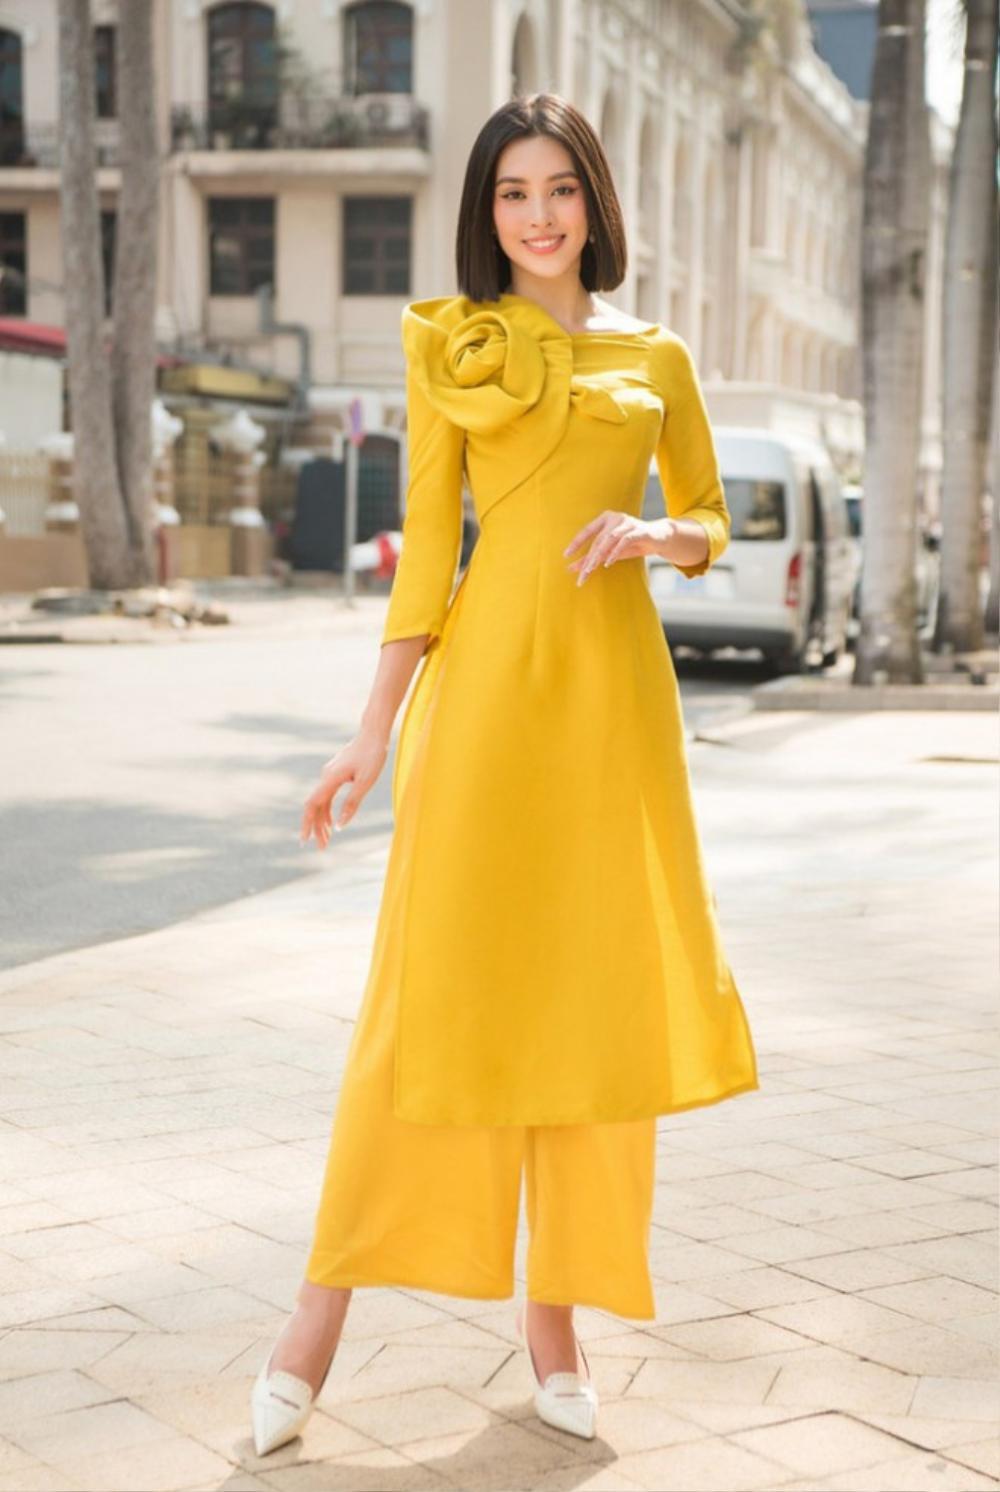 Đỗ Mỹ Linh, Tiểu Vy, Hà Tăng diện áo dài ngọt ngào, gợi ý xu hướng Tết 2021 Ảnh 1